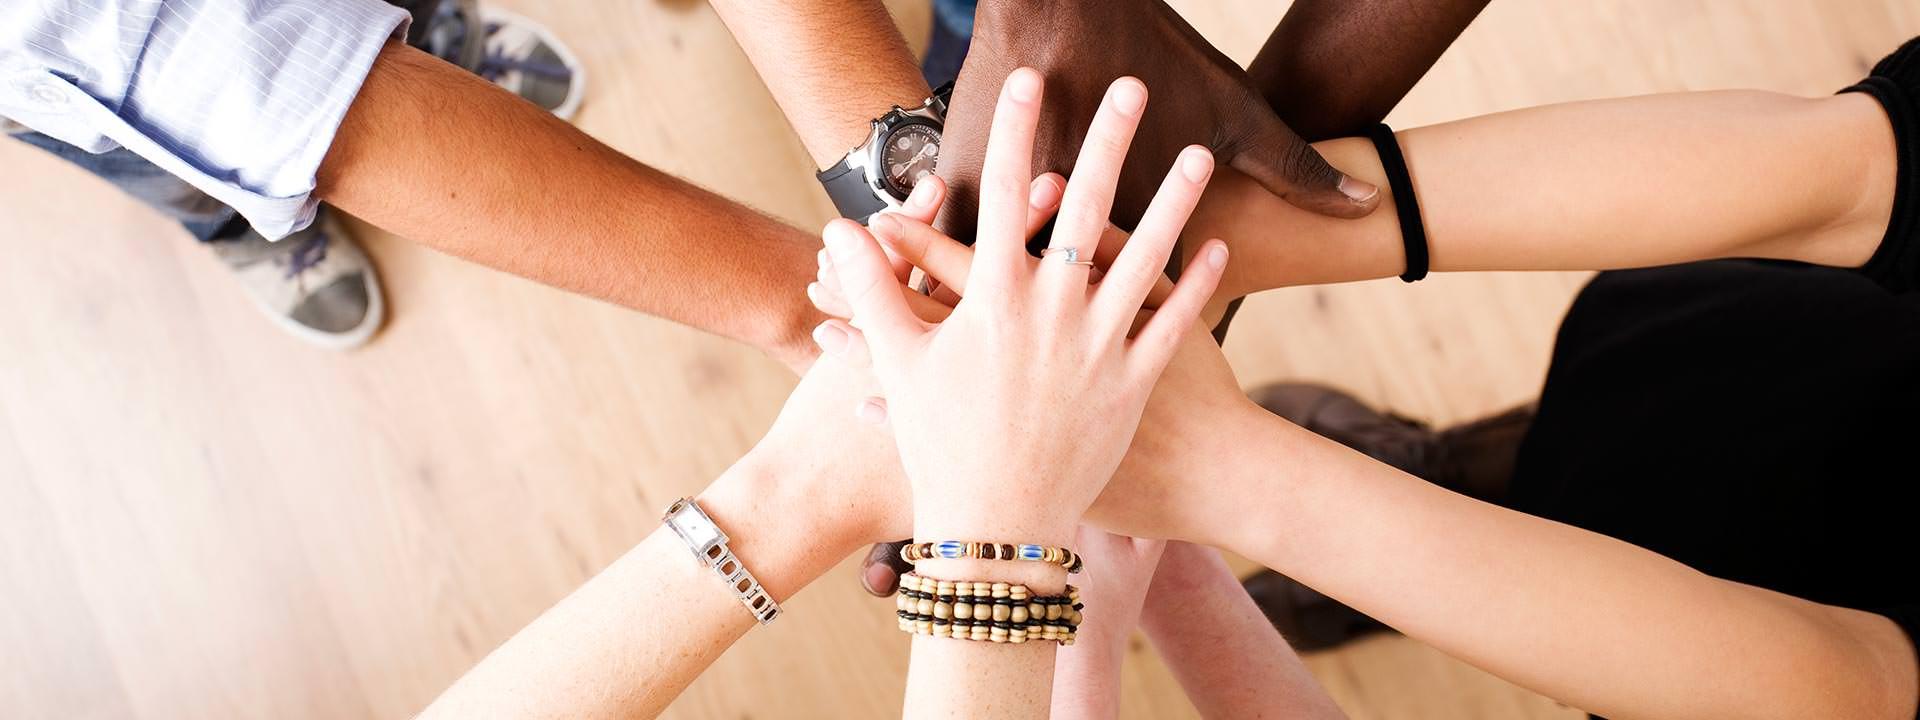 DePaul Employment Banner Diverse Employee Hands In